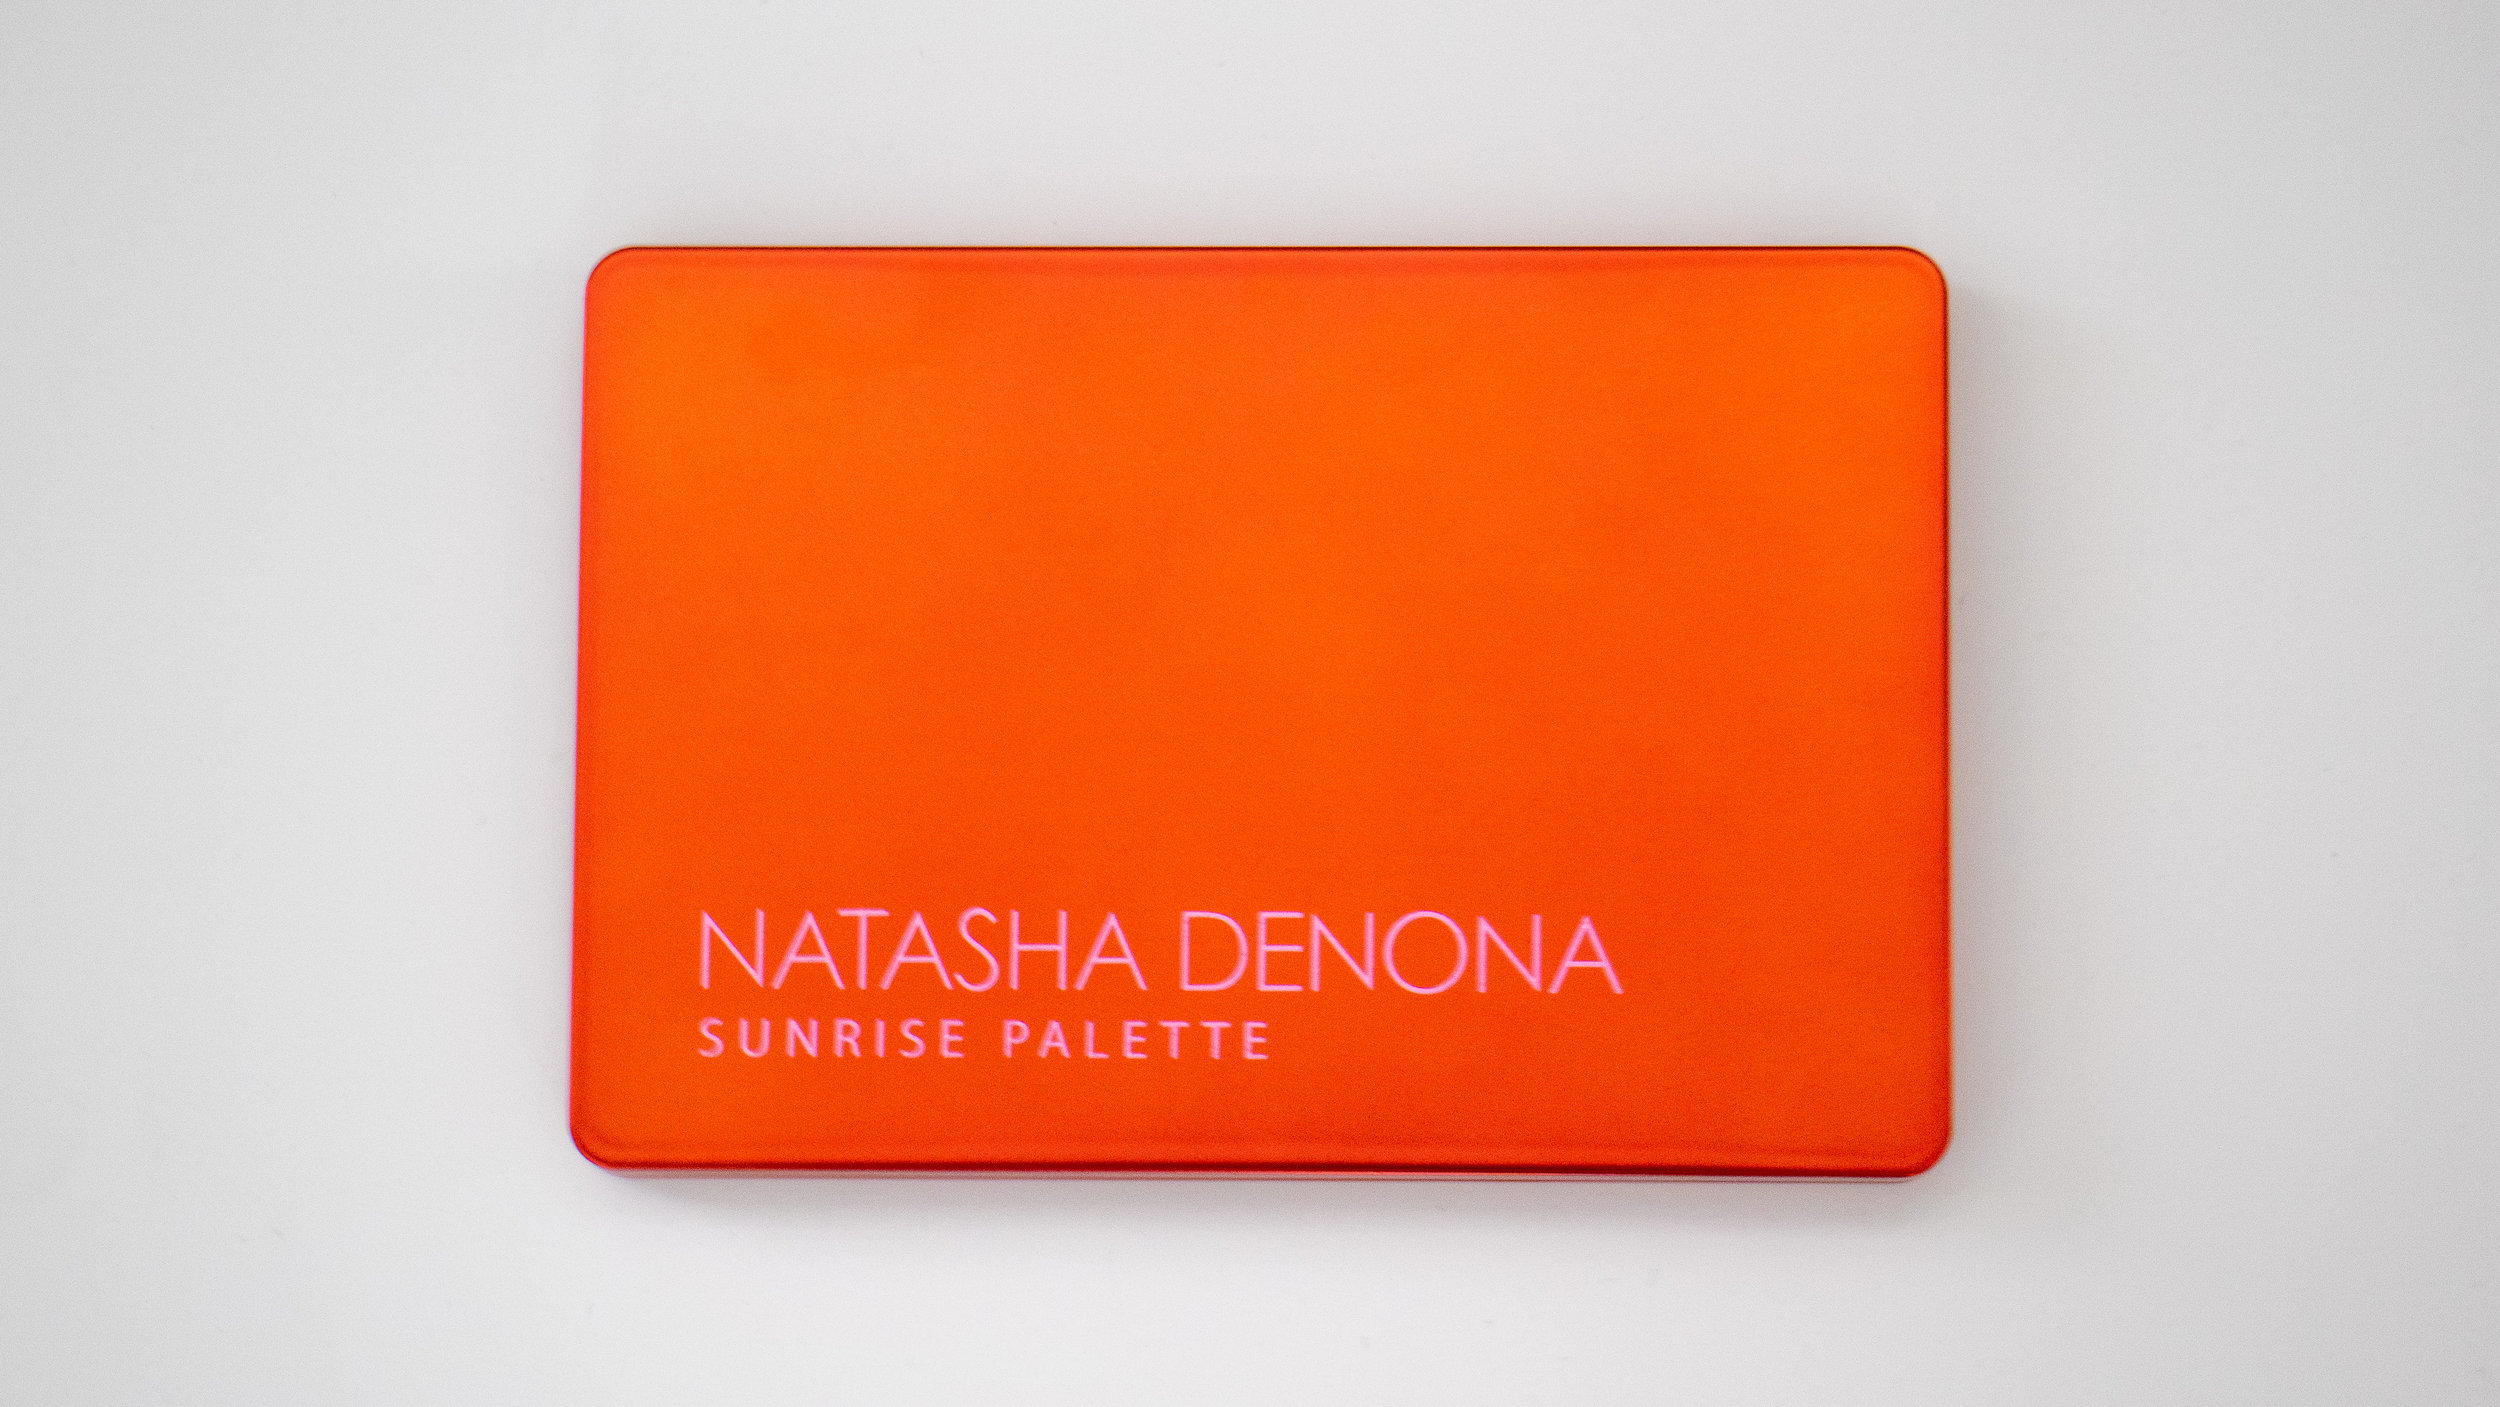 Natasha Denona Sunrise Palette - Exterior